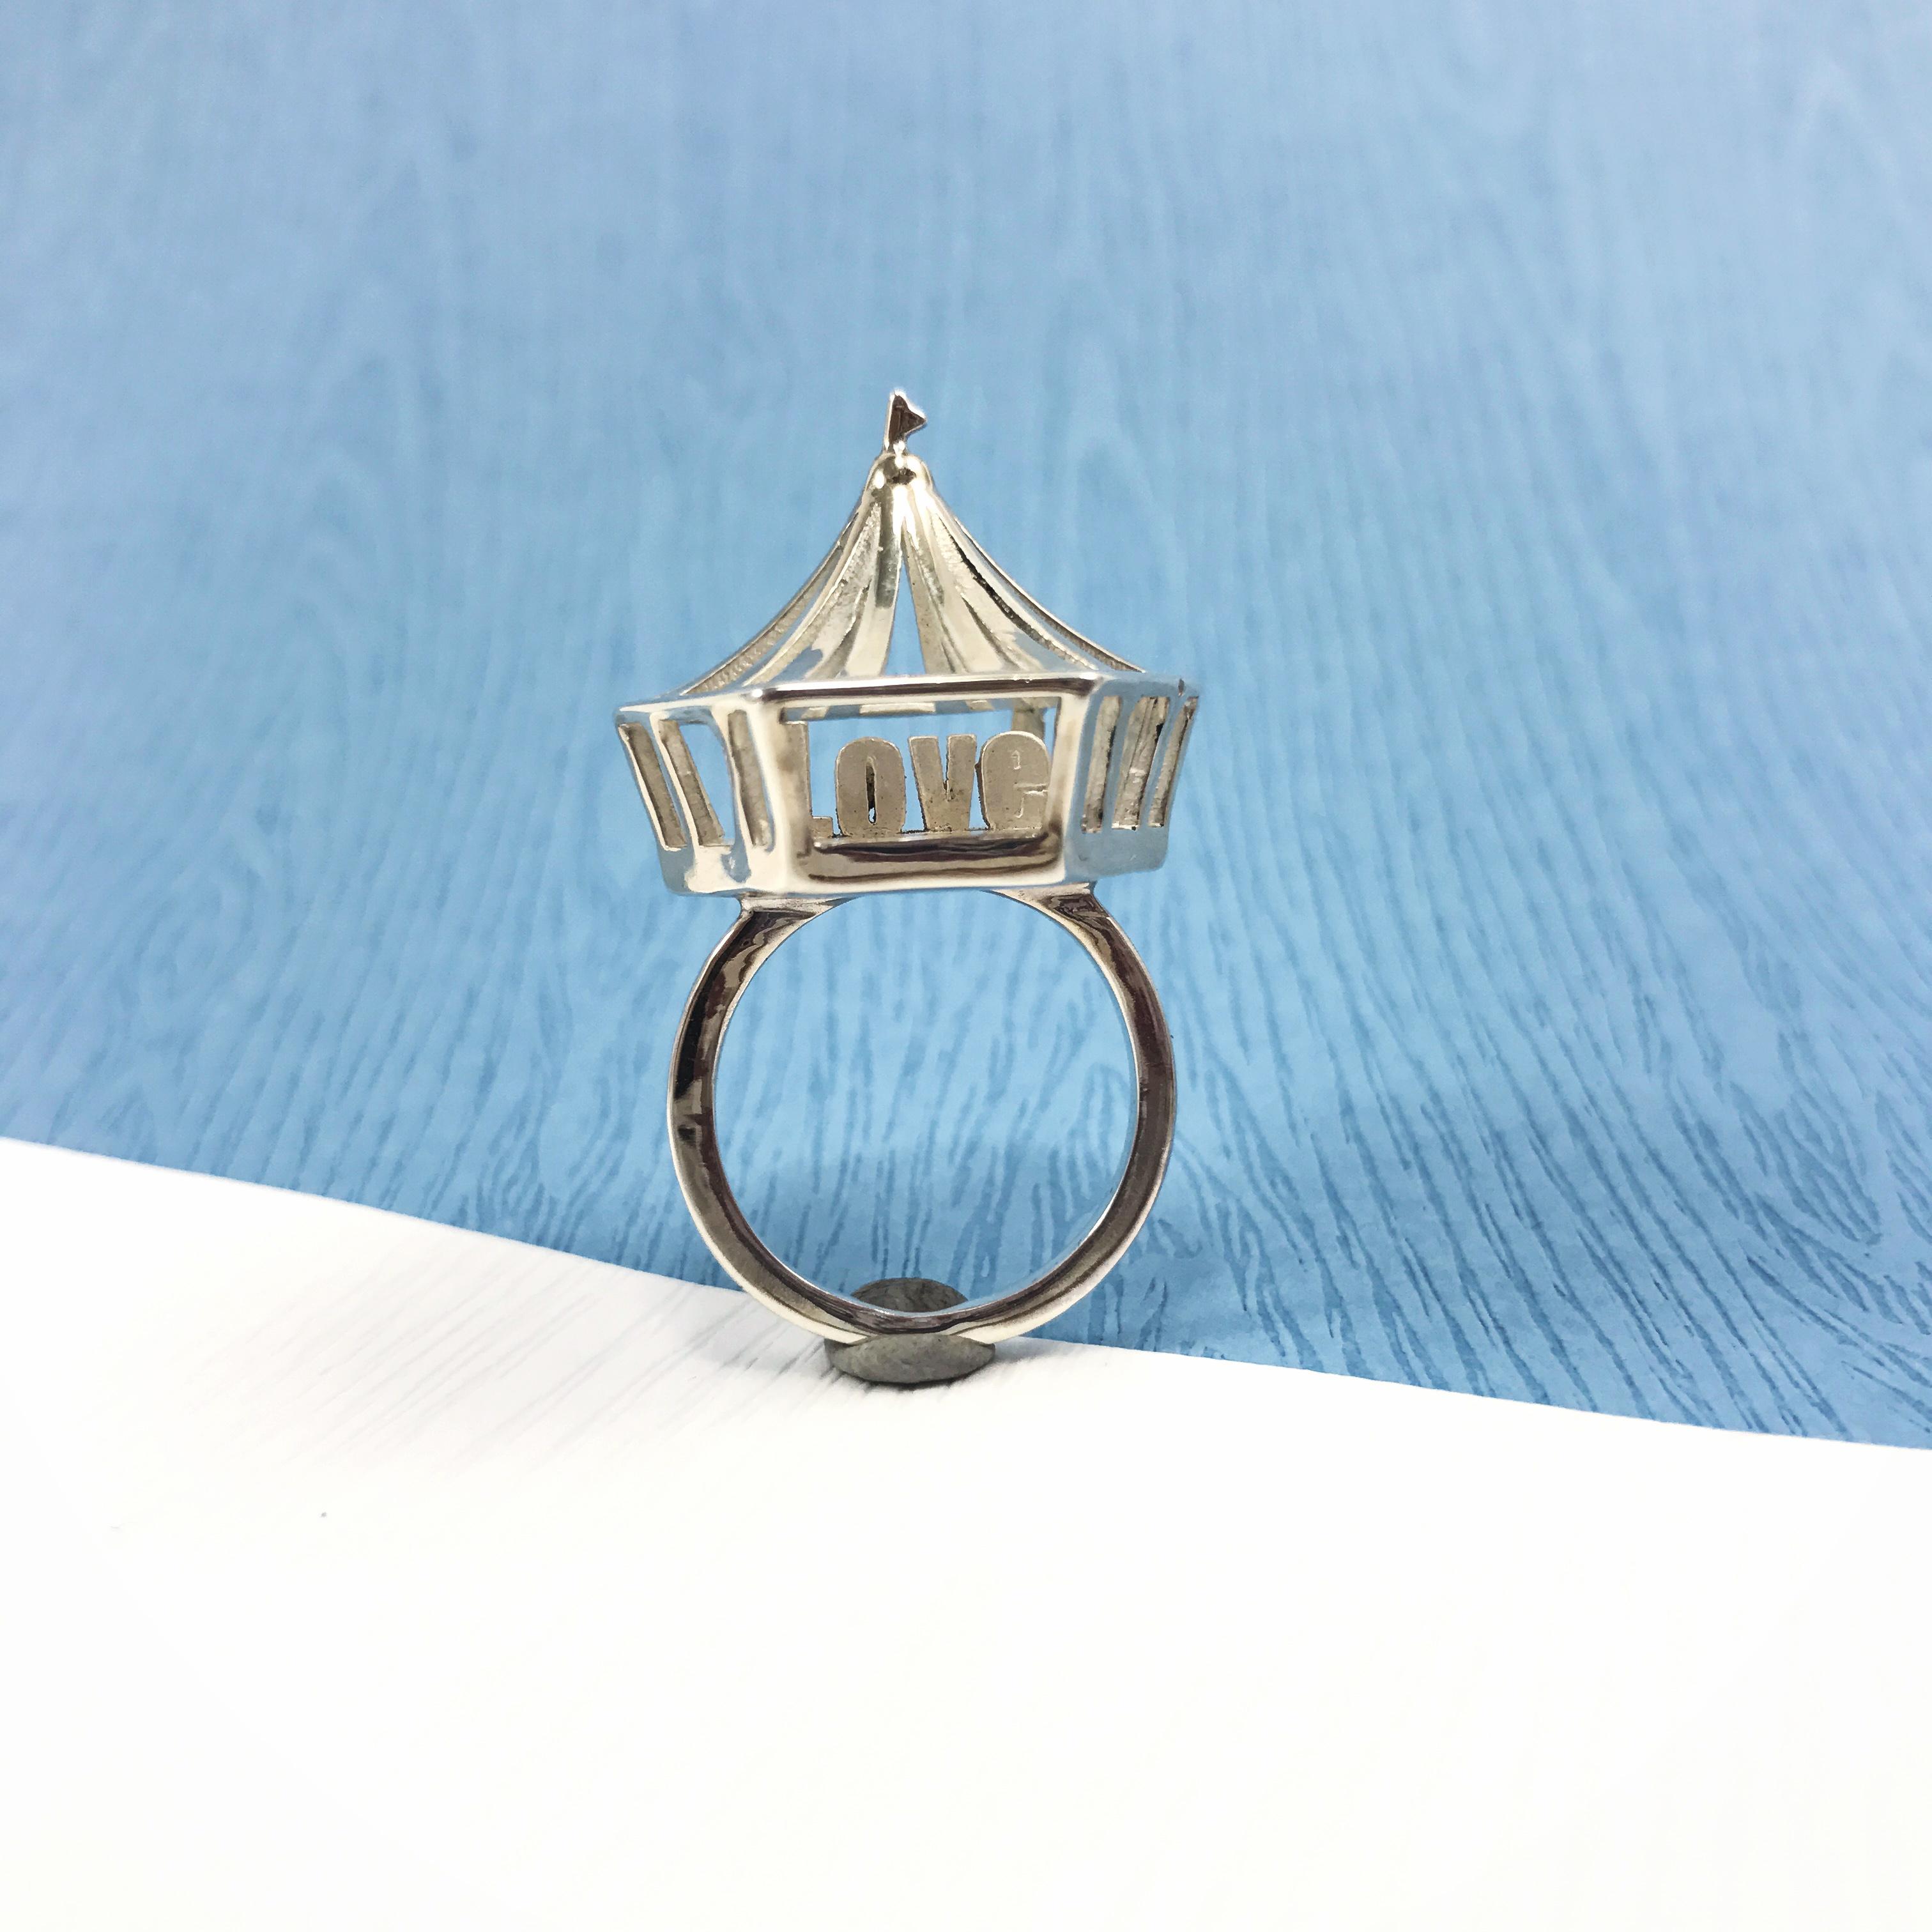 尋找愛─馬戲團 LOVE 字母 純銀 戒指